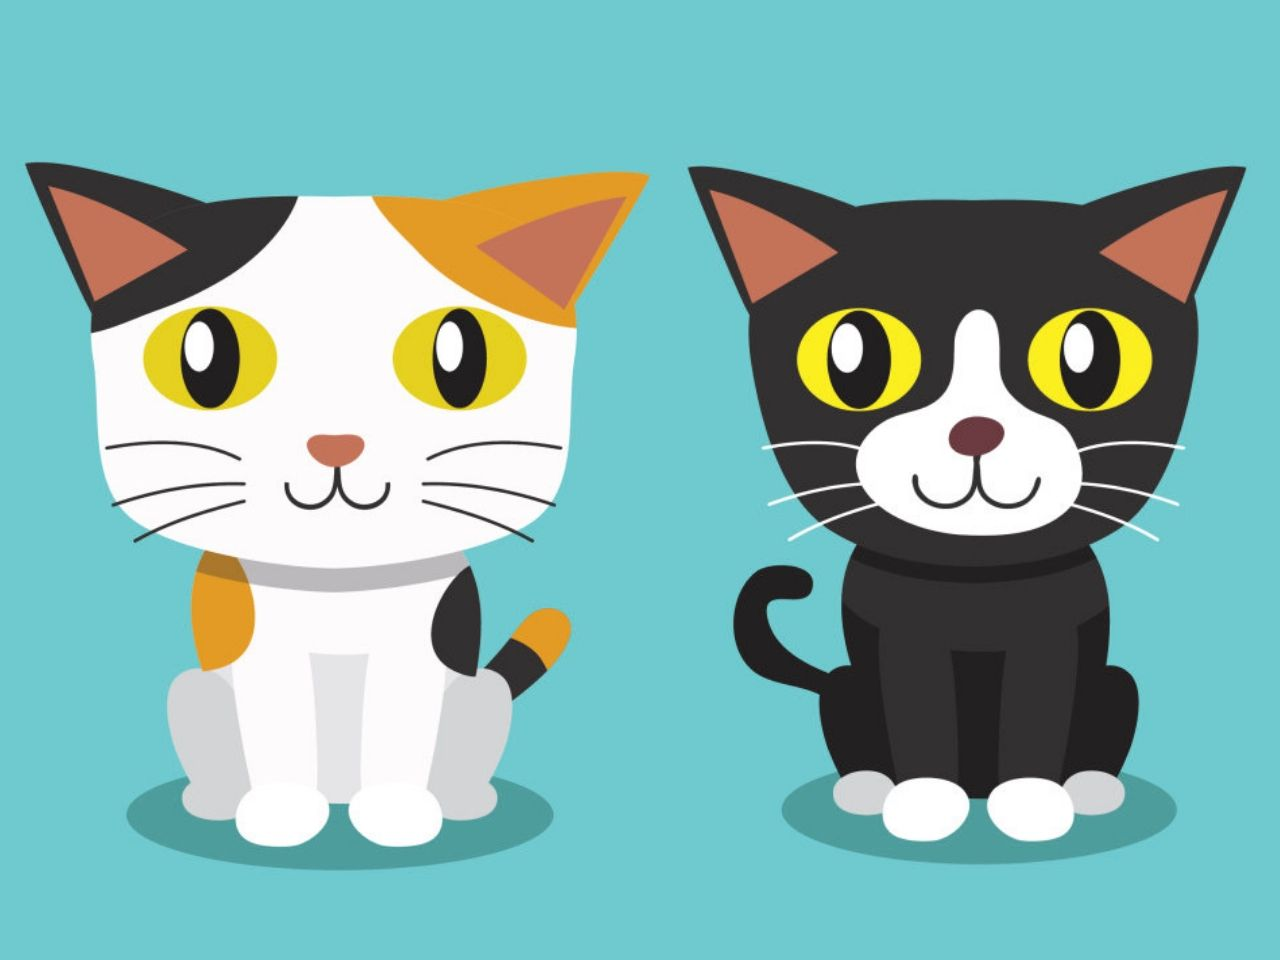 gambar kartun lucu kucing